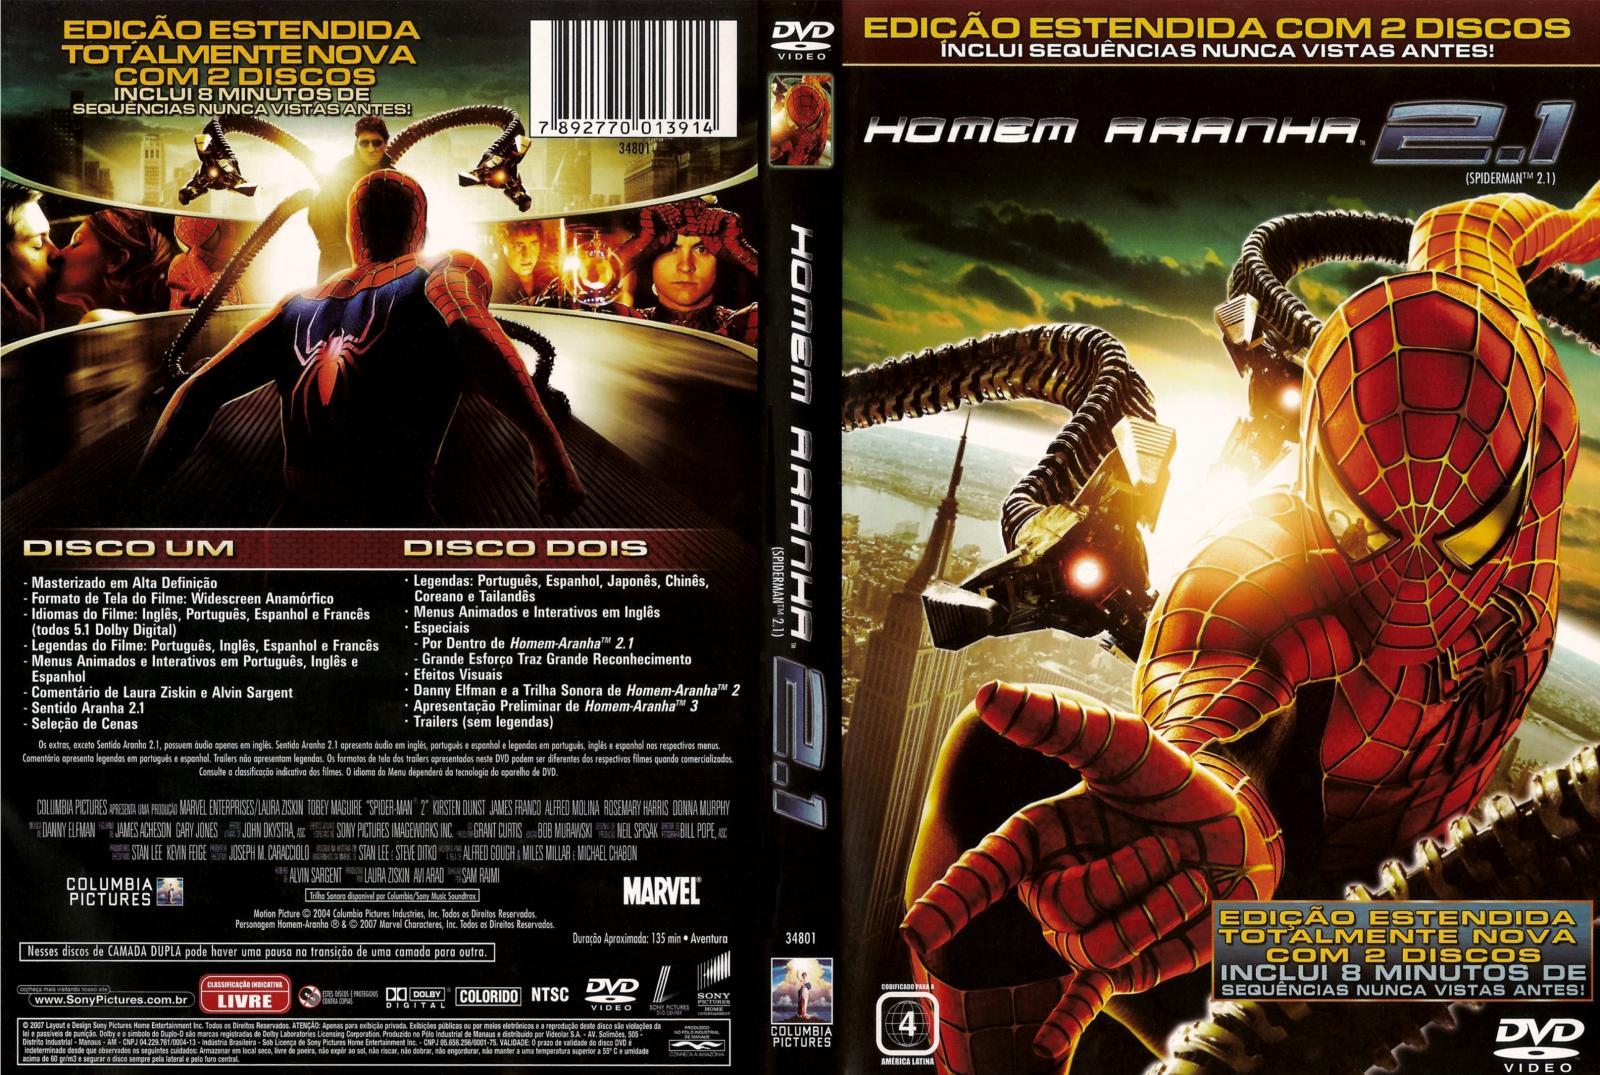 Versão estendida de Homem-Aranha 2 de Sam Raimi